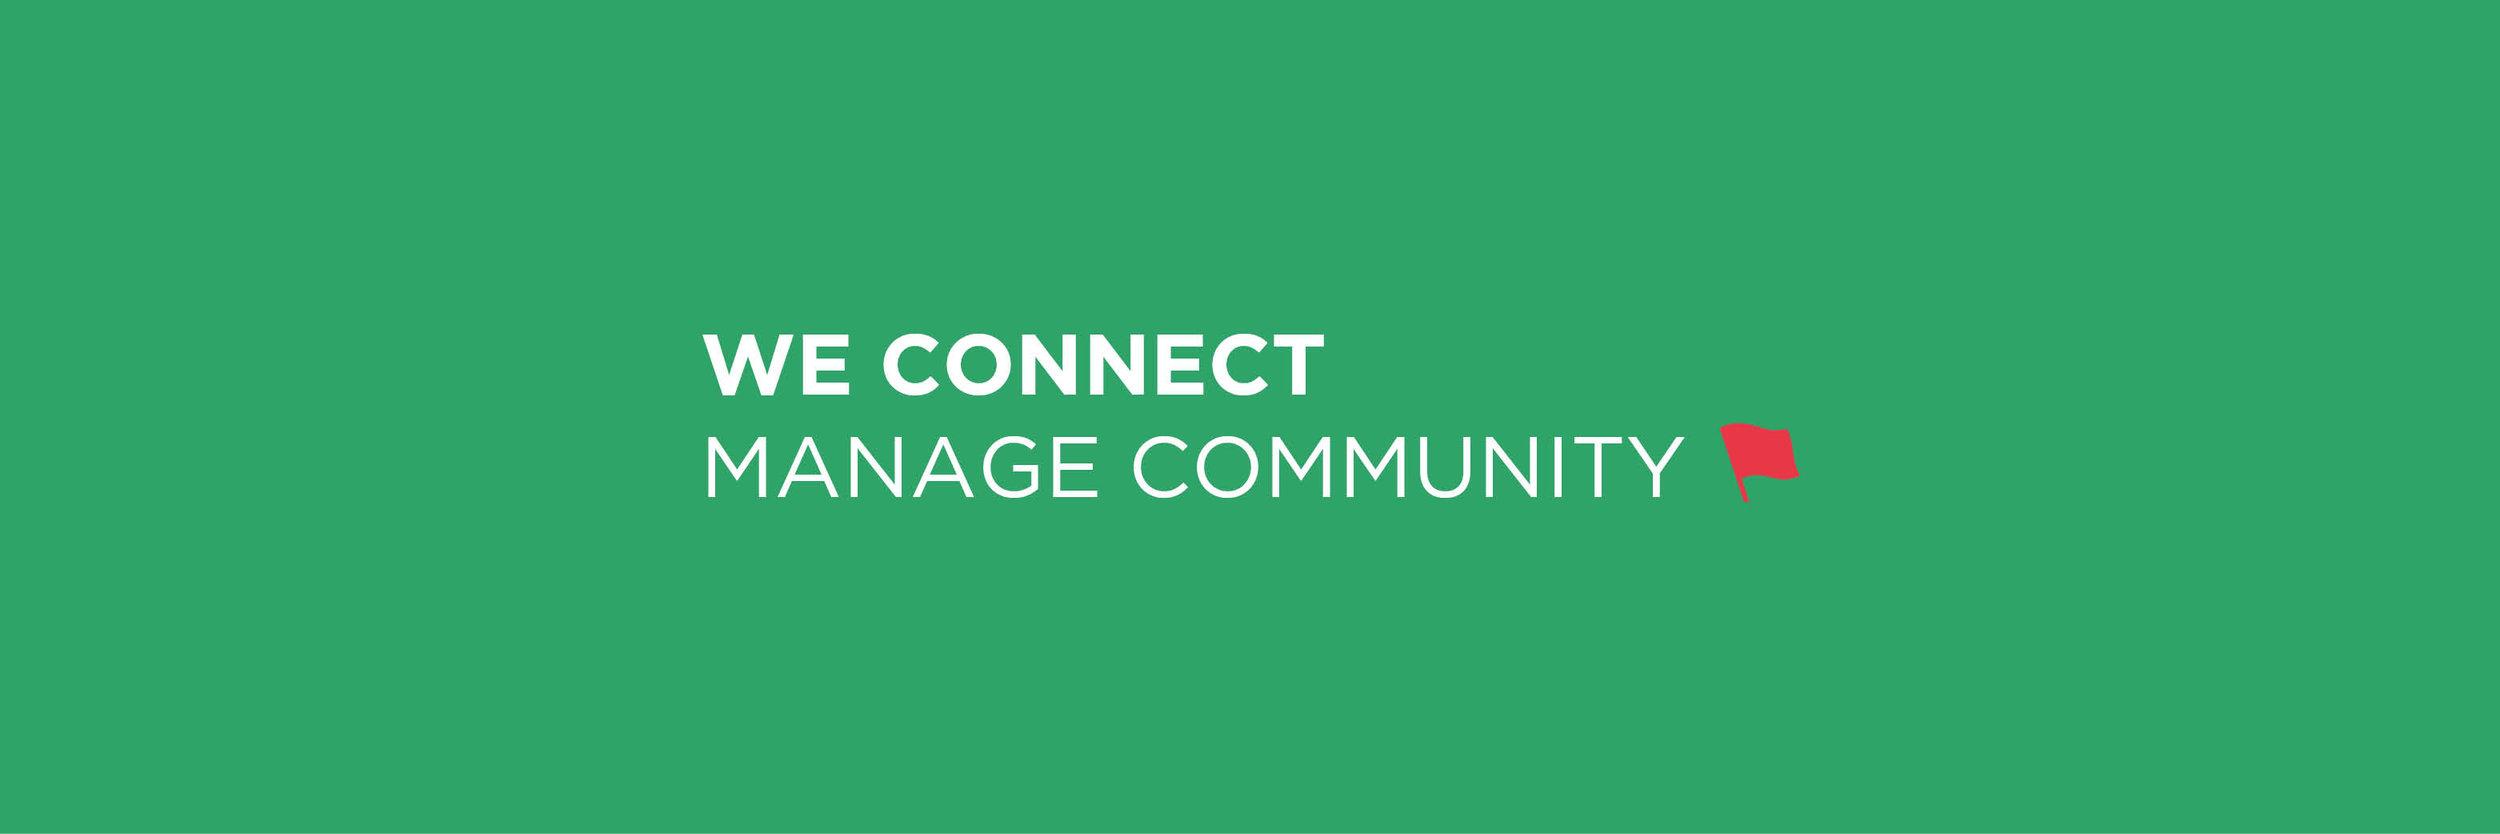 Communities - Headers - Graphics2.jpg